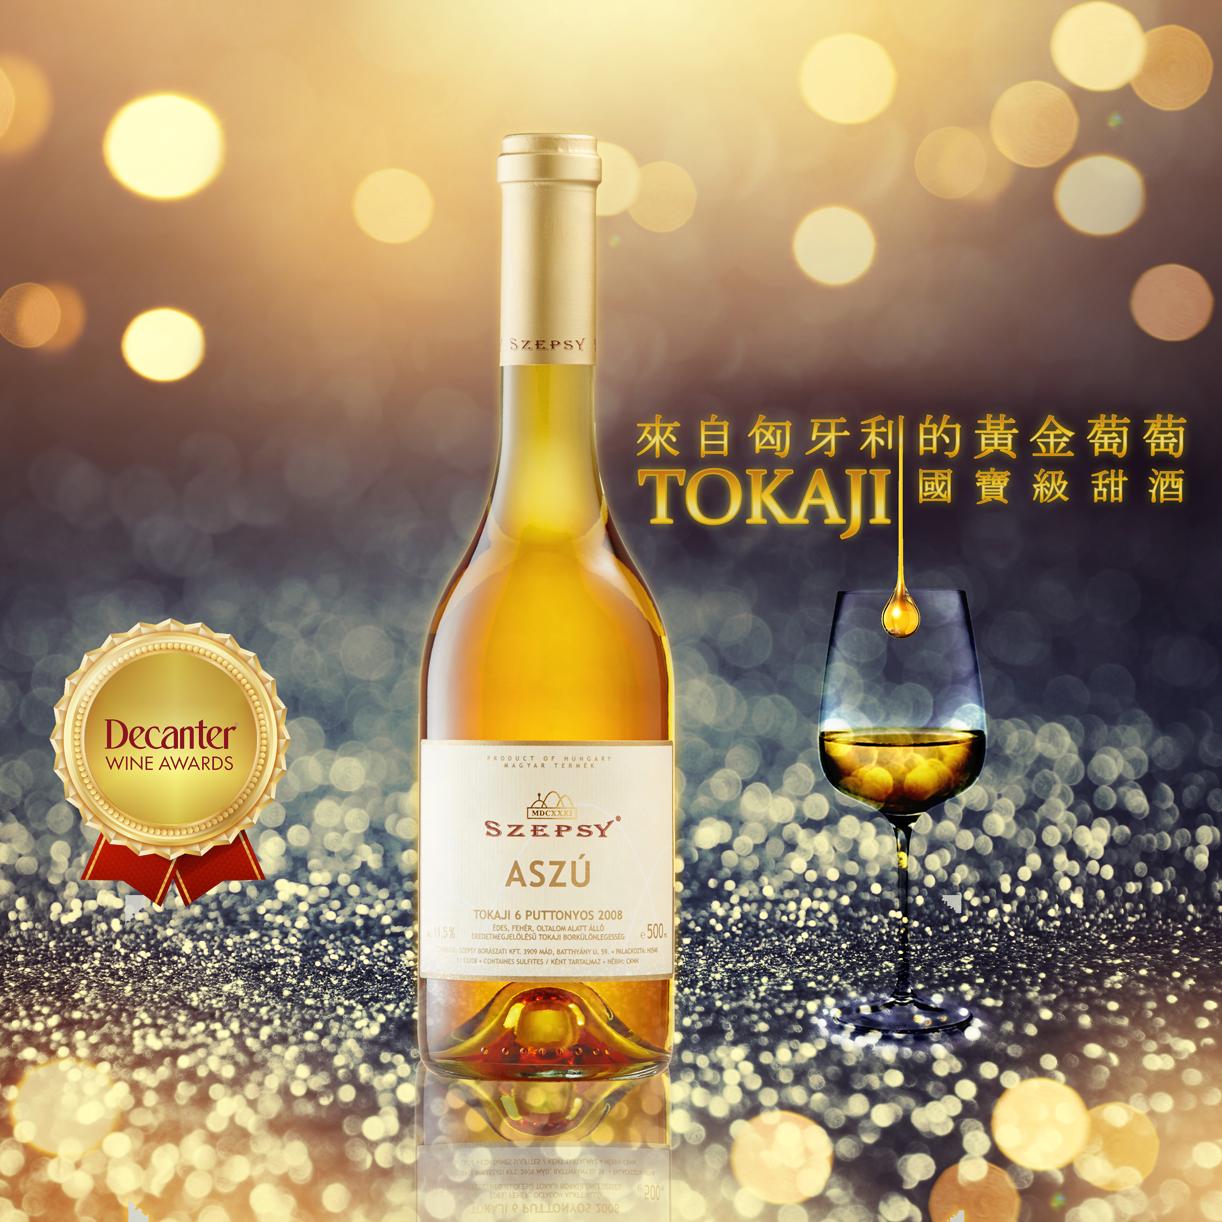 來自匈牙利的黃金萄萄 Tokaji (詳情按此)